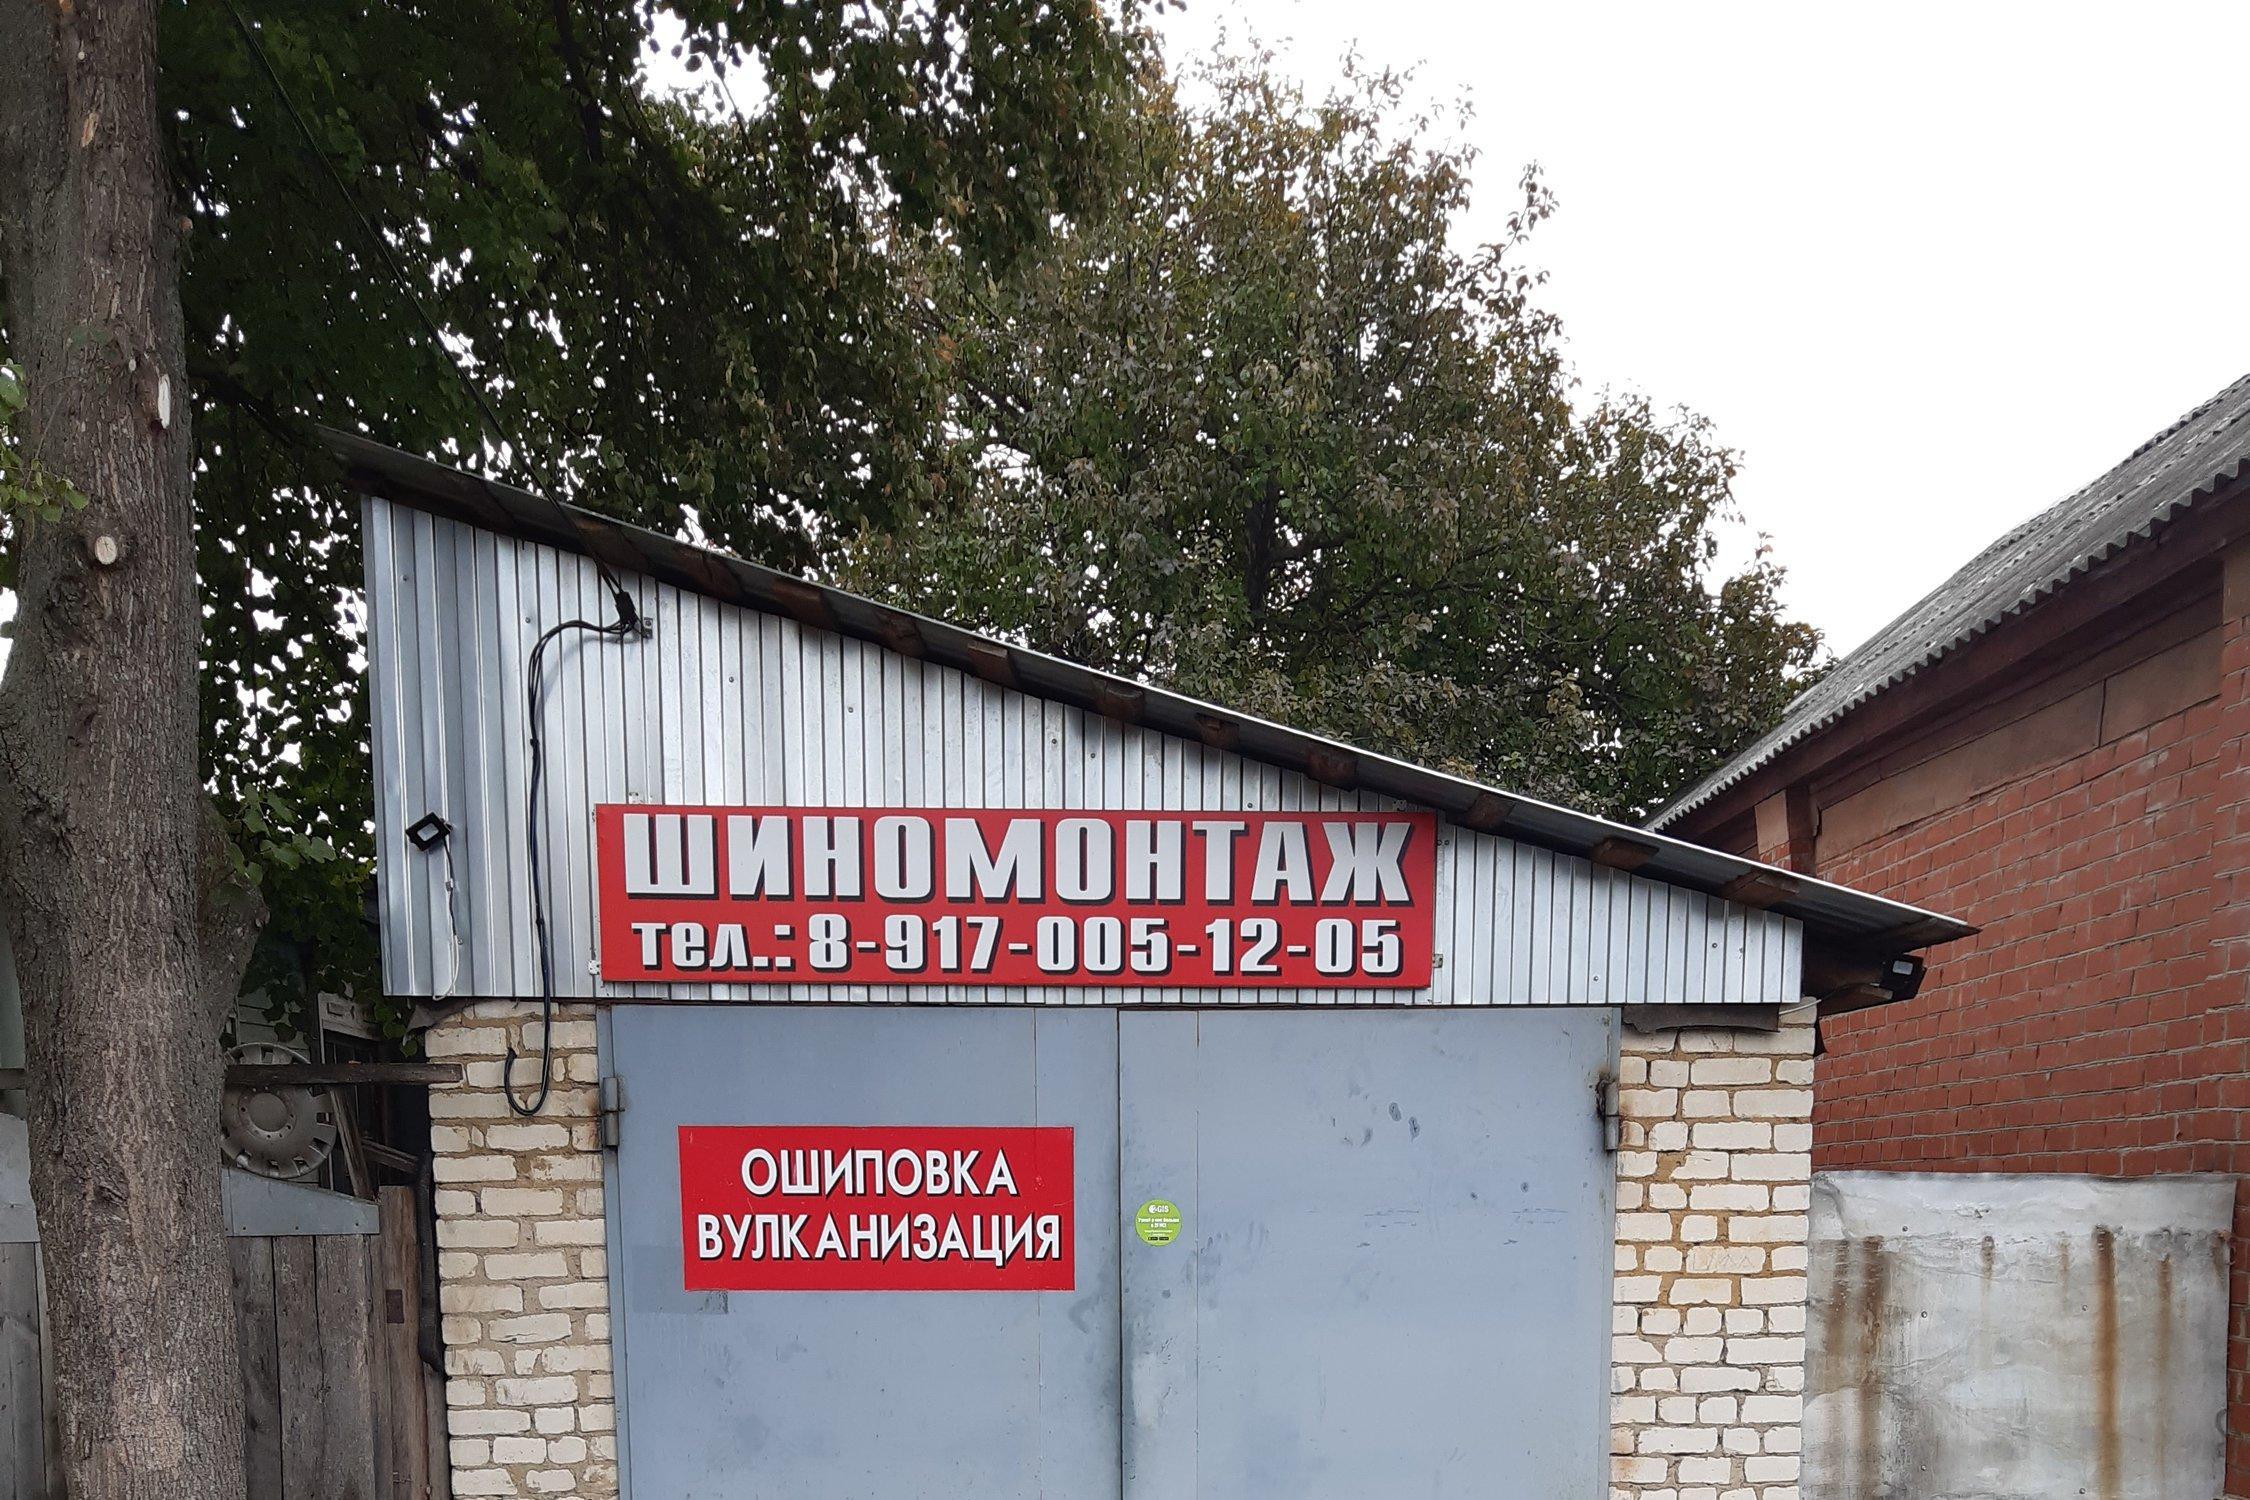 фотография Шиномонтажной мастерской на улице Островского